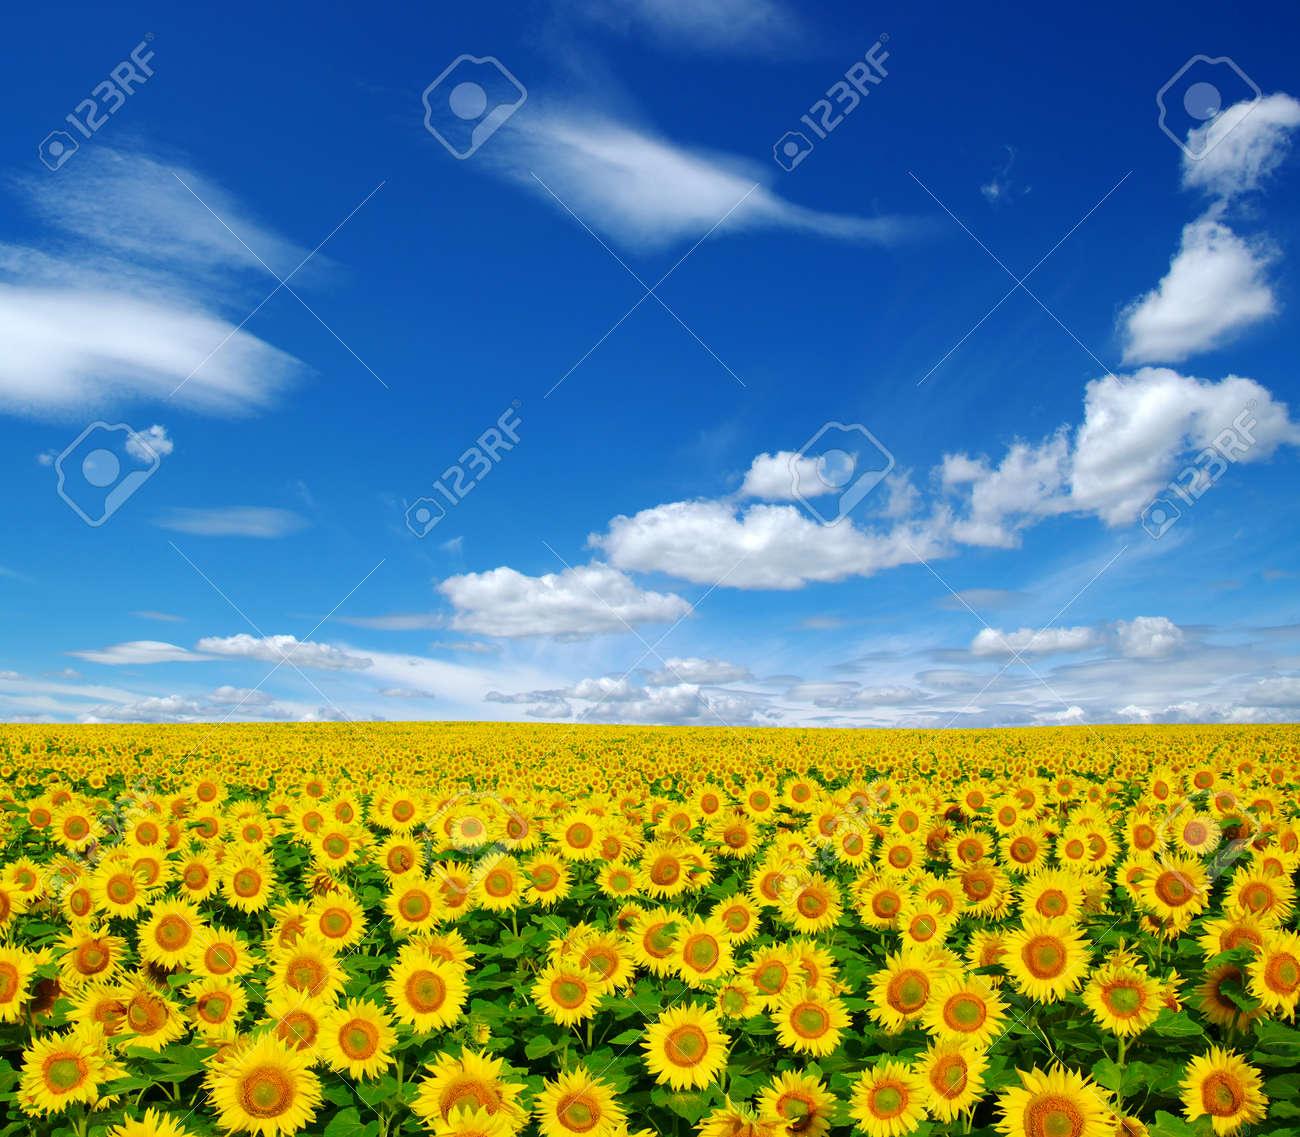 champ de tournesols sur ciel bleu nuageux Banque d'images - 26666462